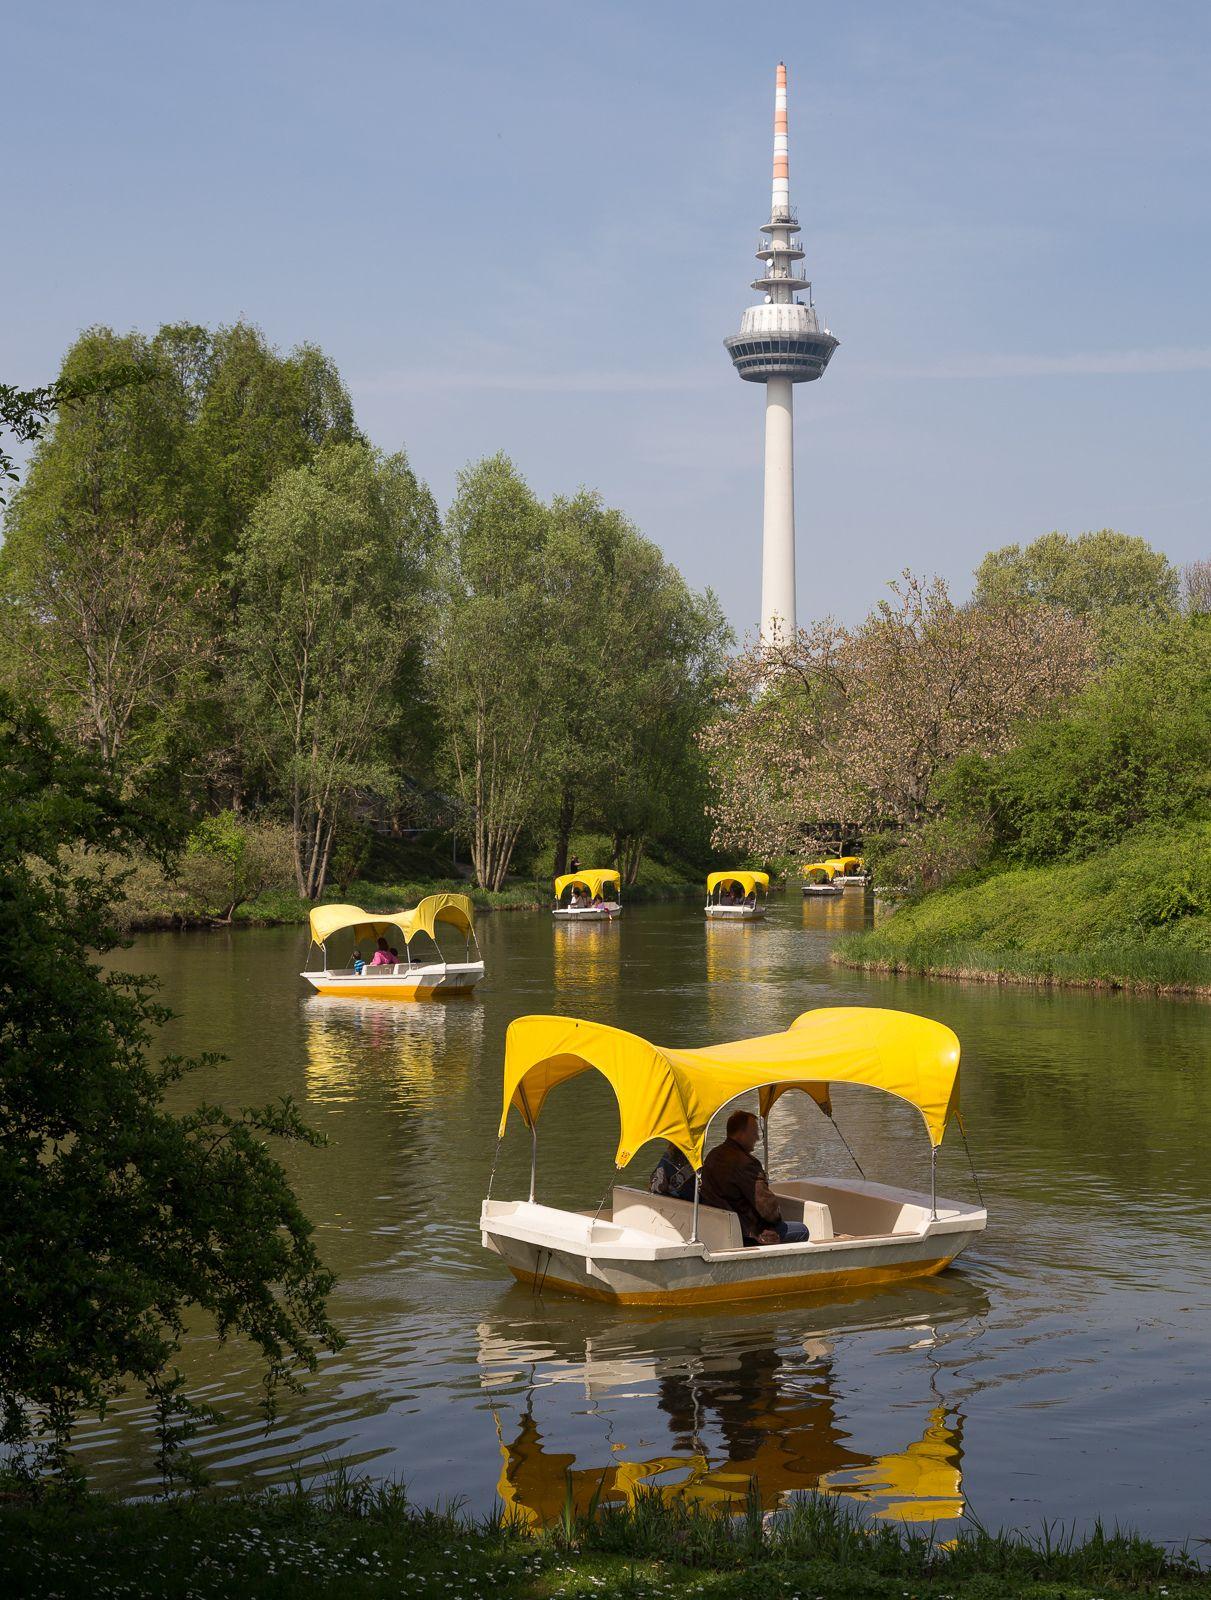 Gondolettas on Kutzerweiher lake, Luisenpark, Mannheim, DE